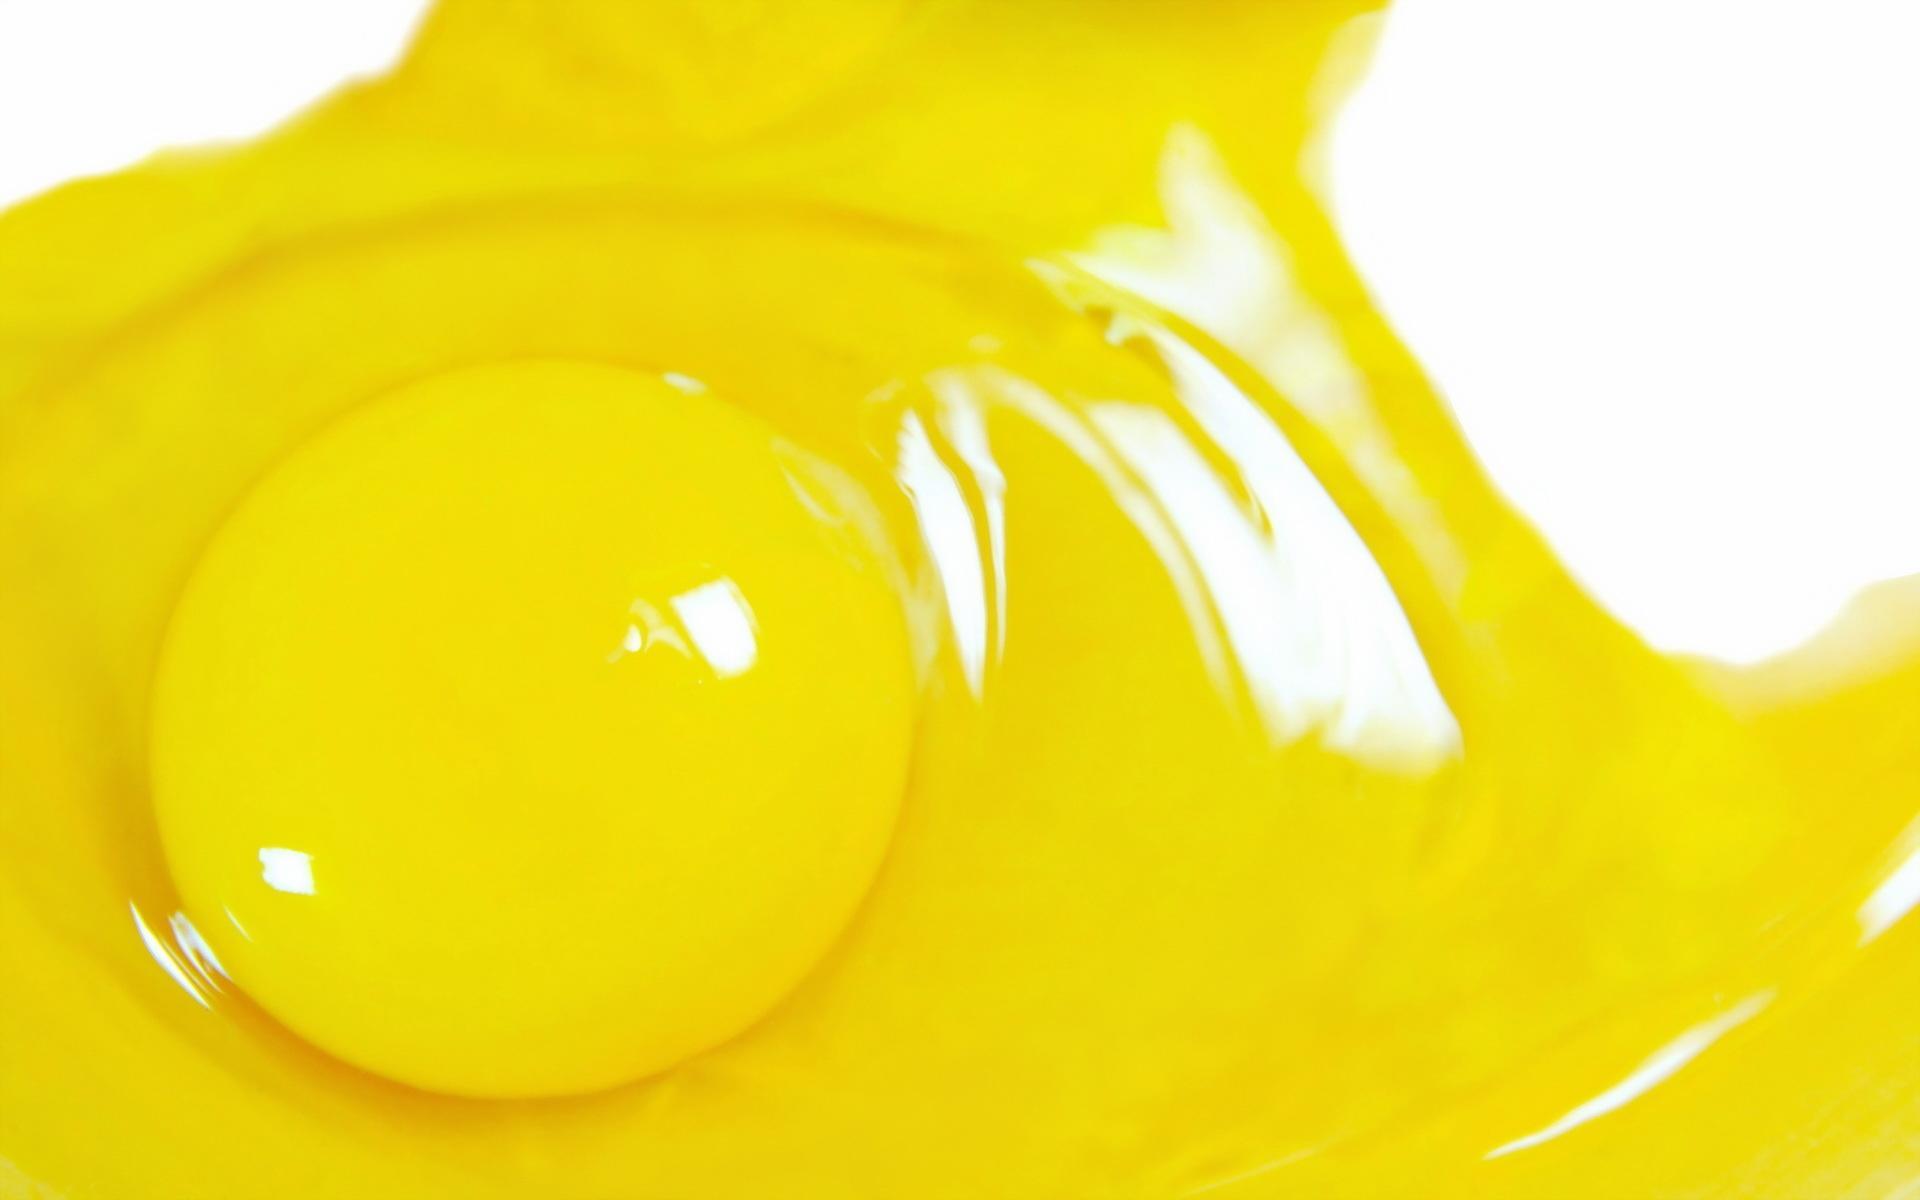 еда желток яйца food the yolk eggs  № 2999697 бесплатно